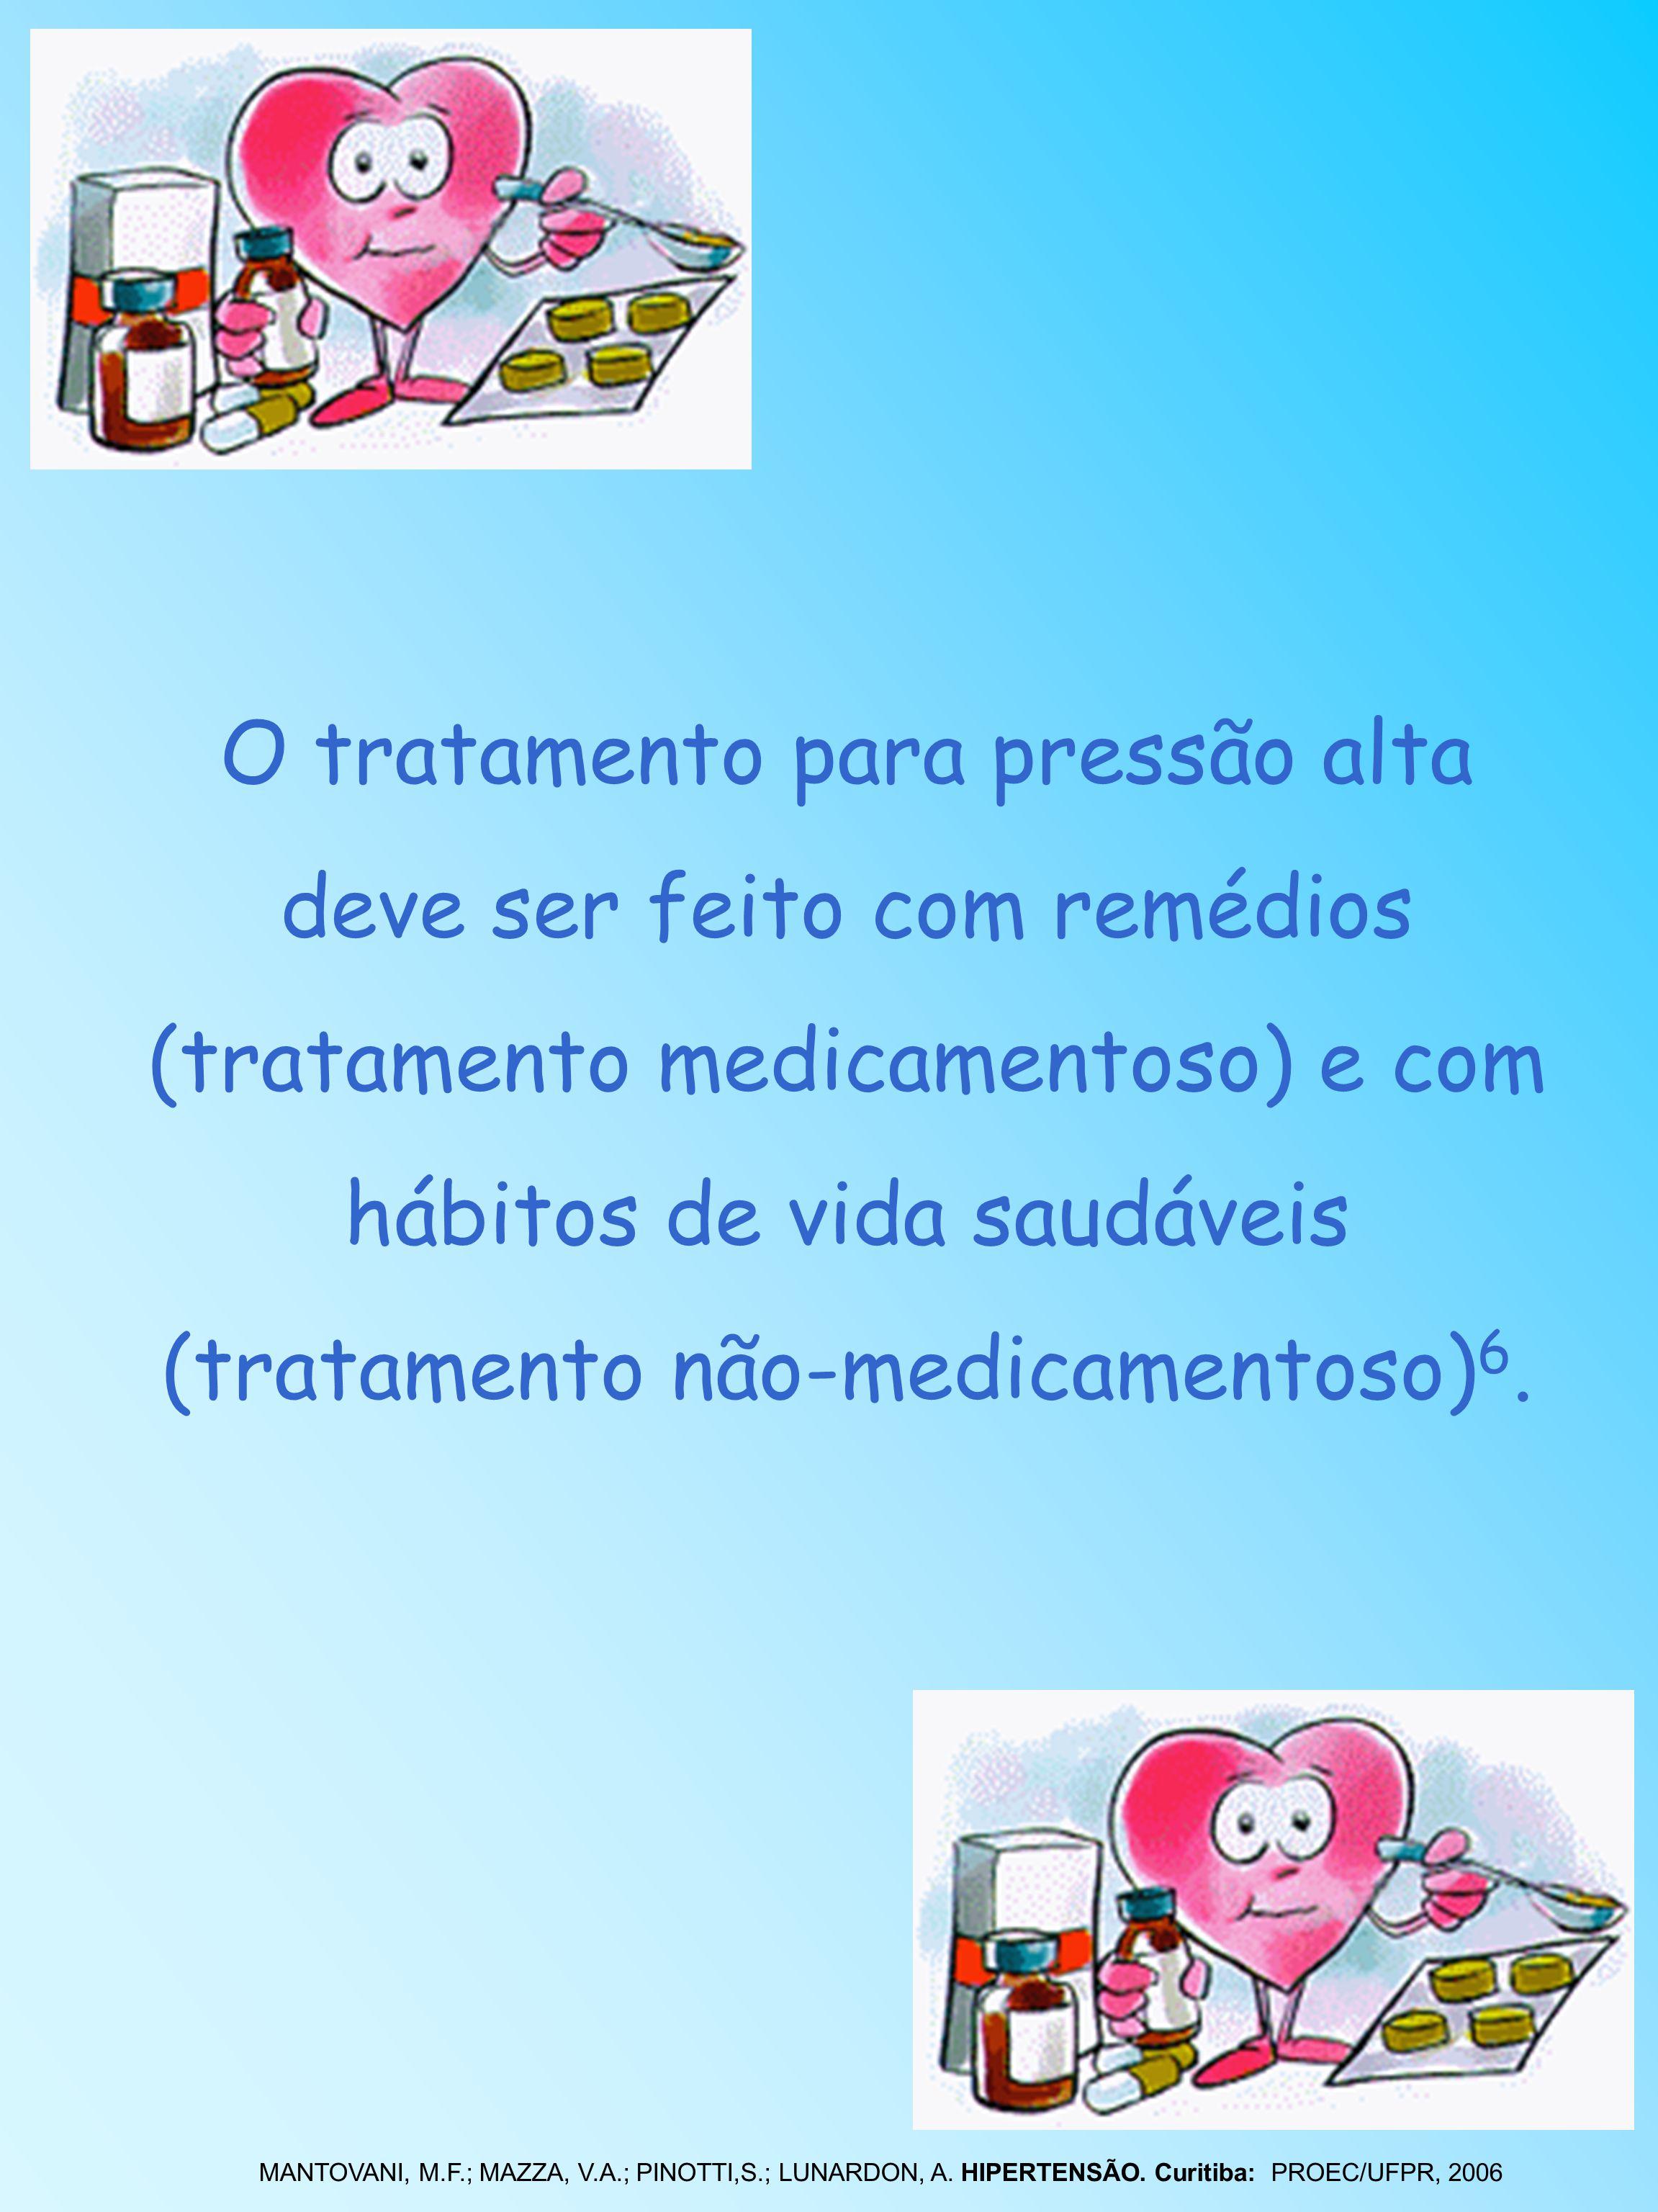 O tratamento para pressão alta deve ser feito com remédios (tratamento medicamentoso) e com hábitos de vida saudáveis (tratamento não-medicamentoso) 6